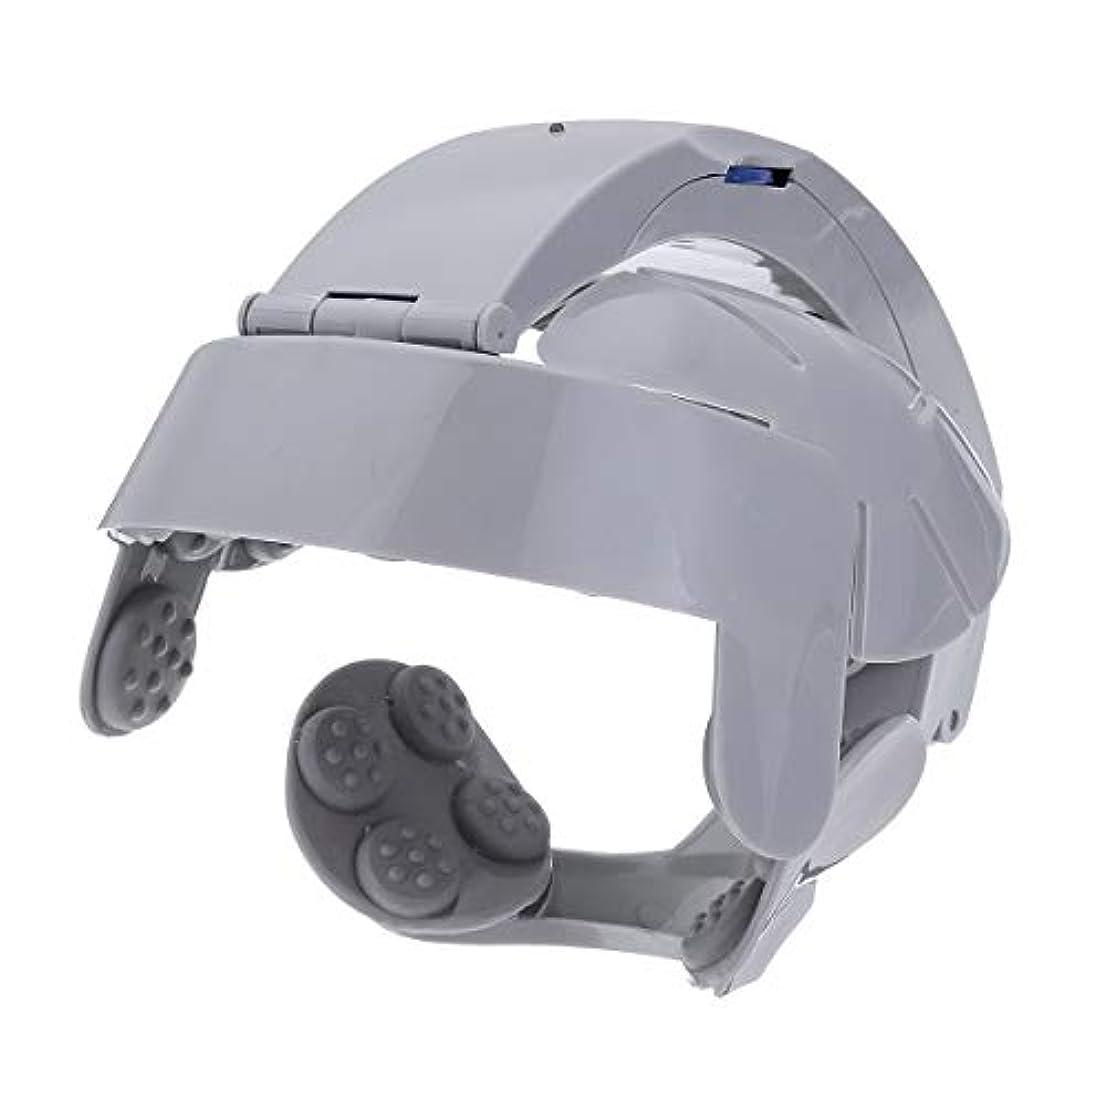 相対性理論同様の寄稿者ヘッド振動マッサージ電動ヘッドマッサージリラックス脳経穴ストレス解放マシンポータブルのためのホーム使用